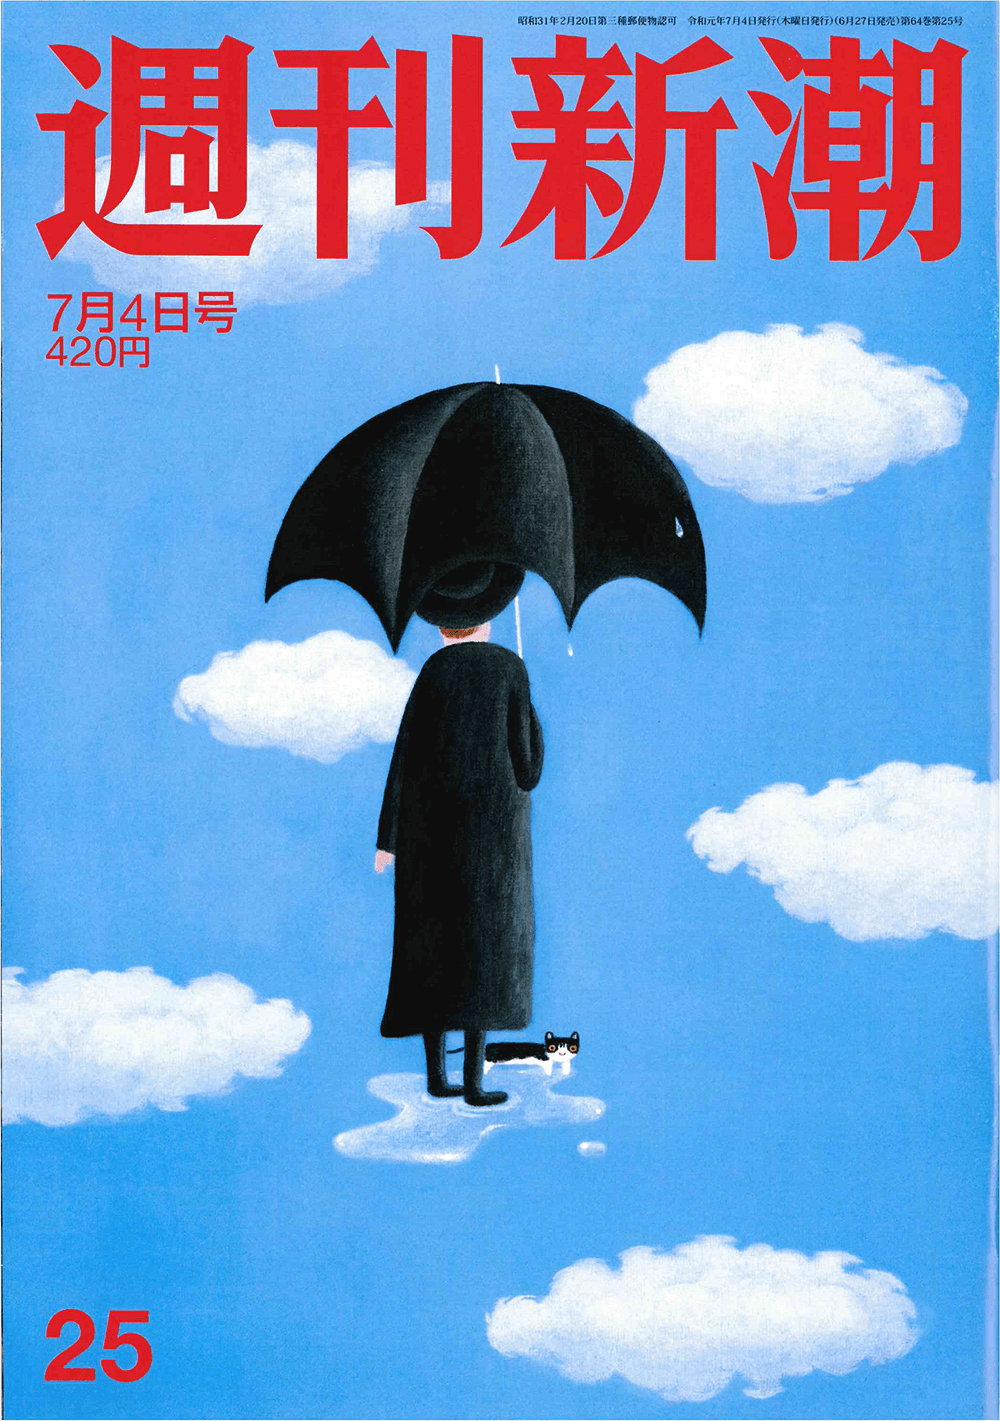 「2019年6月27日(木)発売【週刊新潮】表紙」